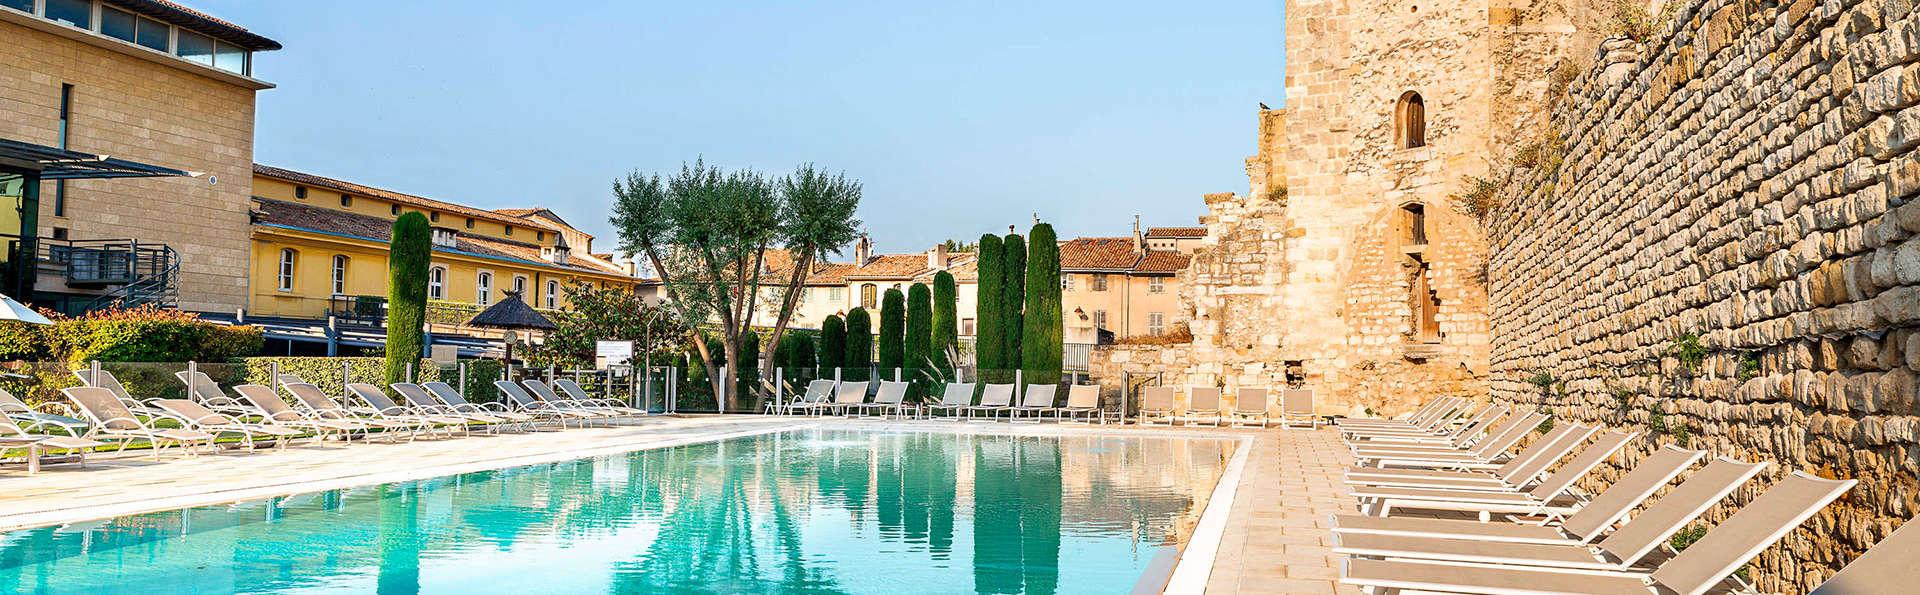 Invitation à la détente à Aix-en-Provence